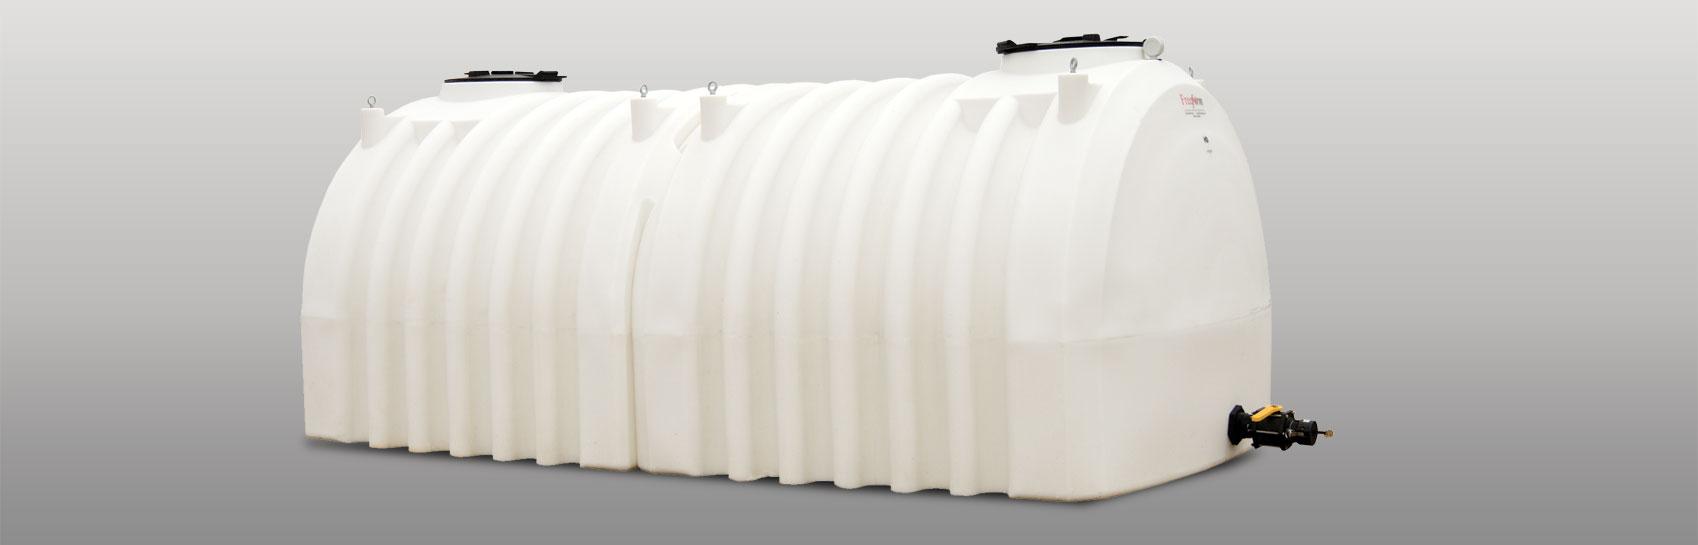 Low Profile Tanks Freeform